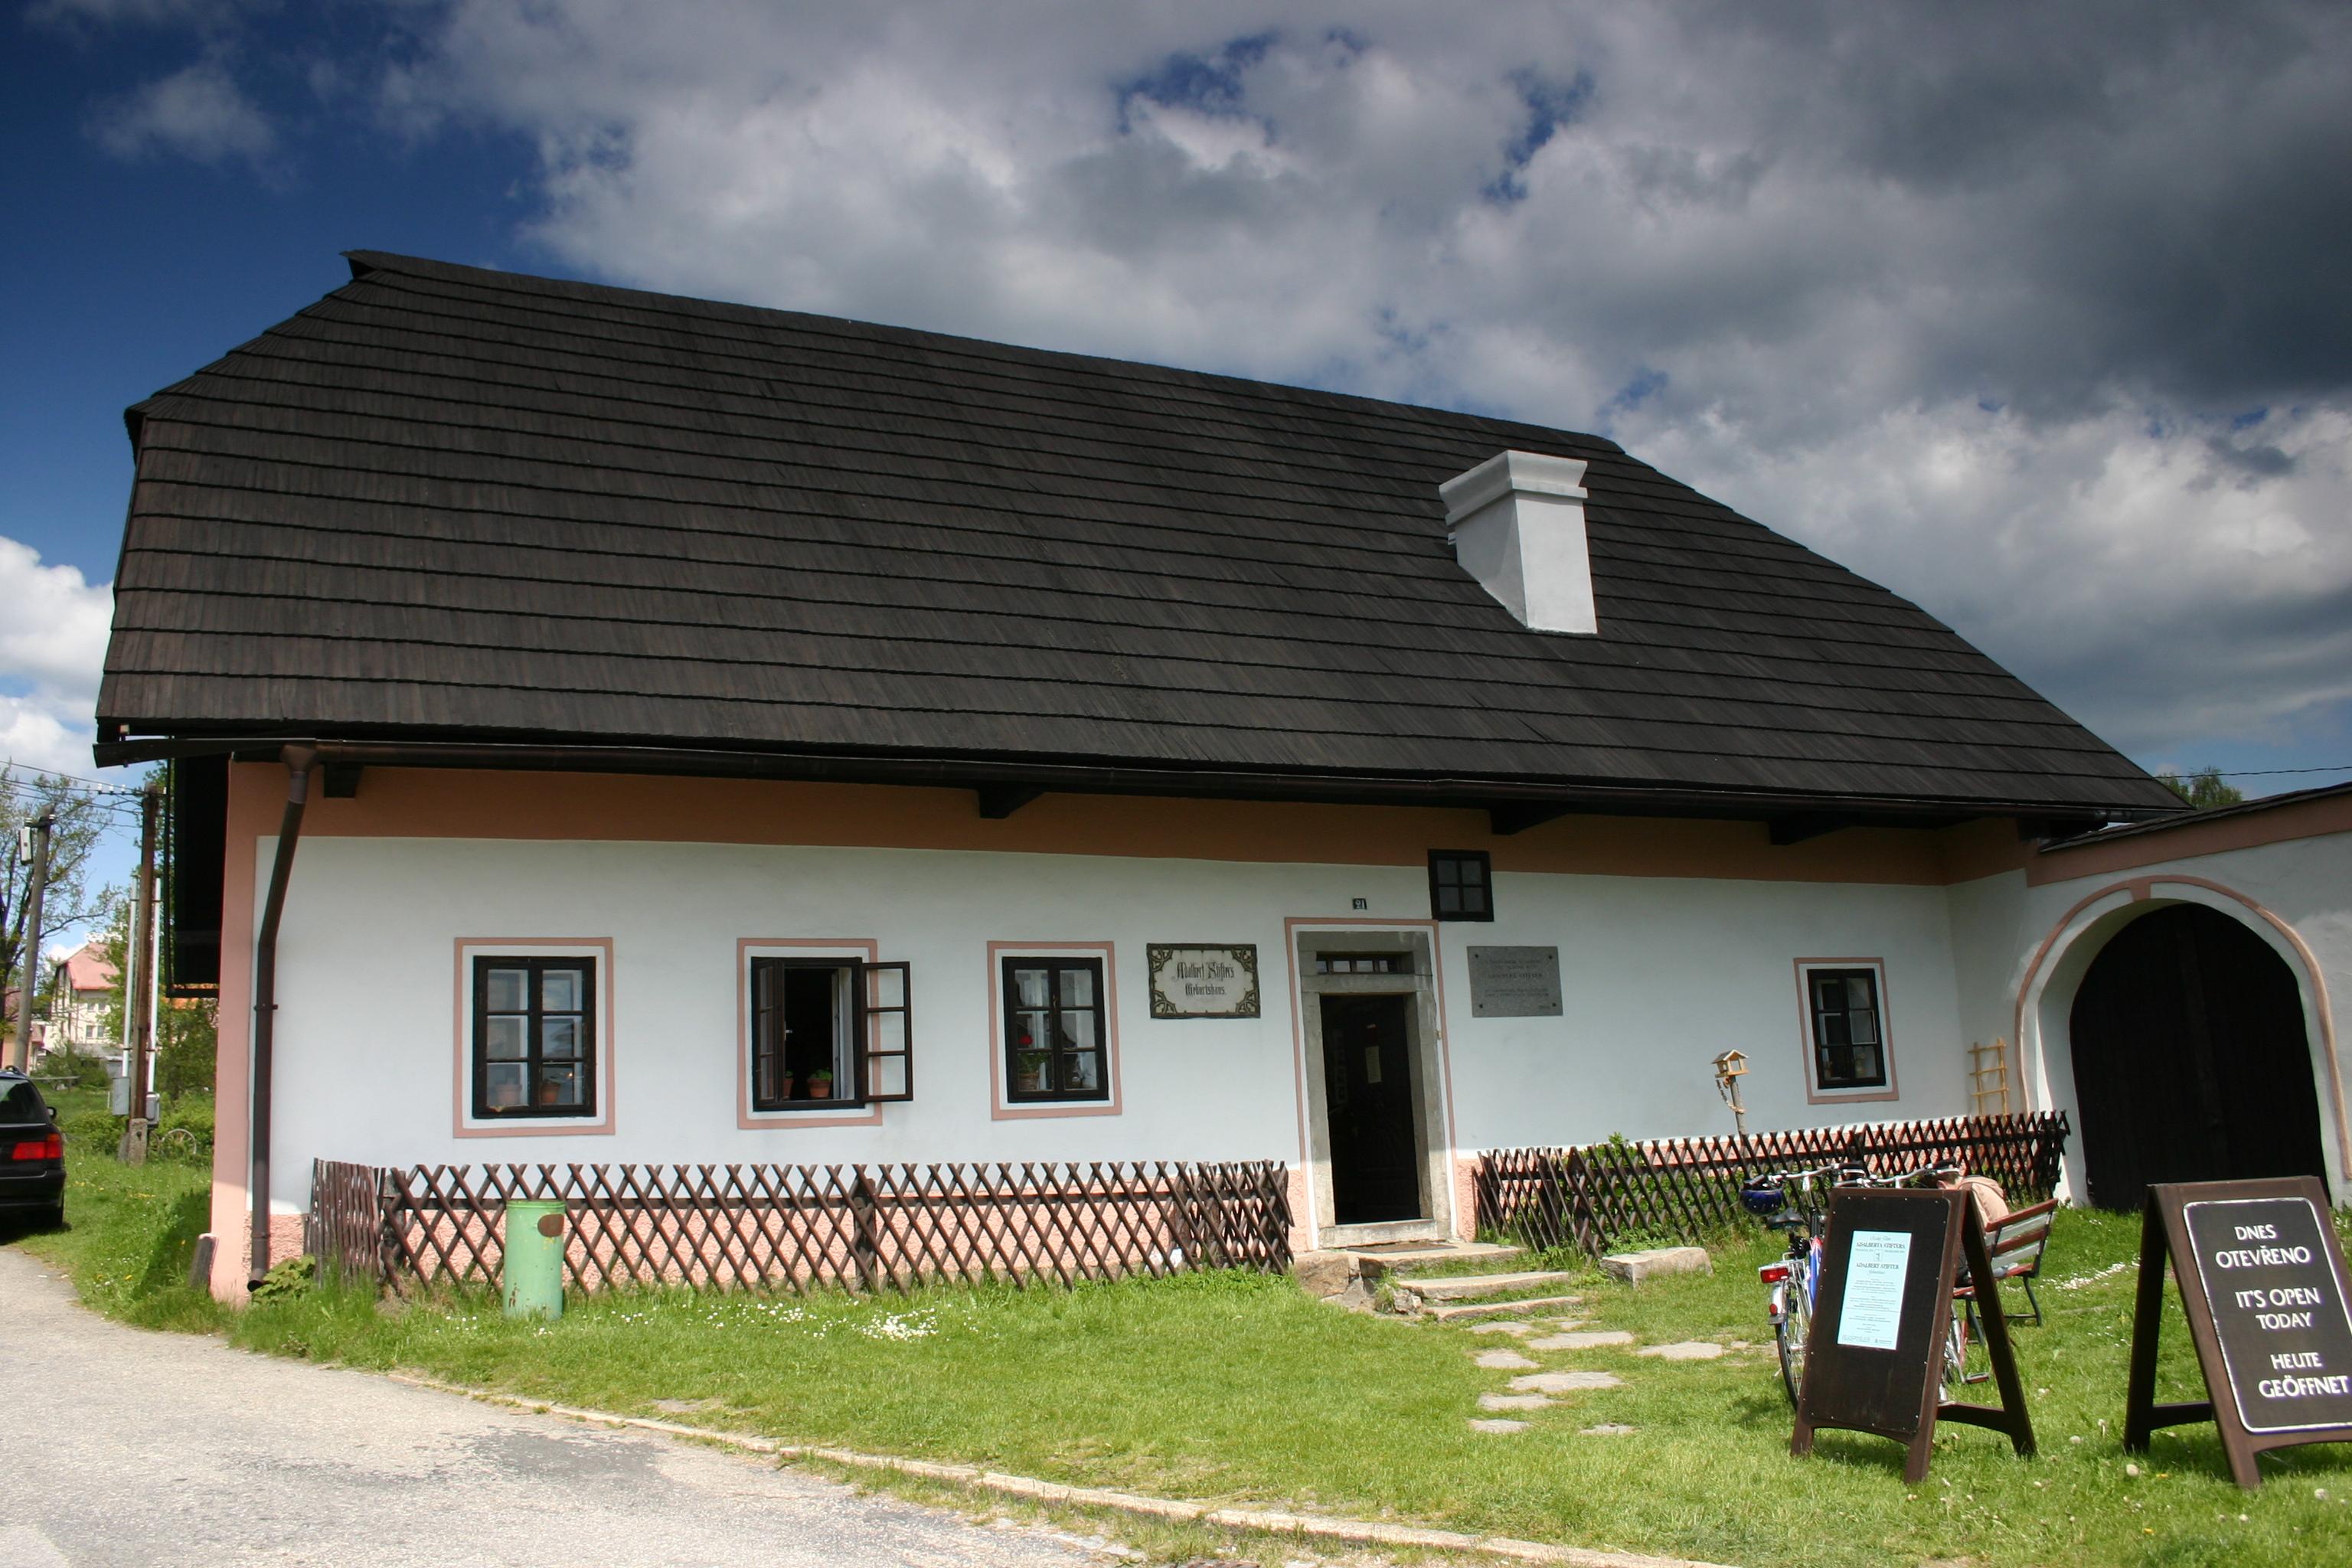 Památník - Rodný dům Adalberta Stiftera